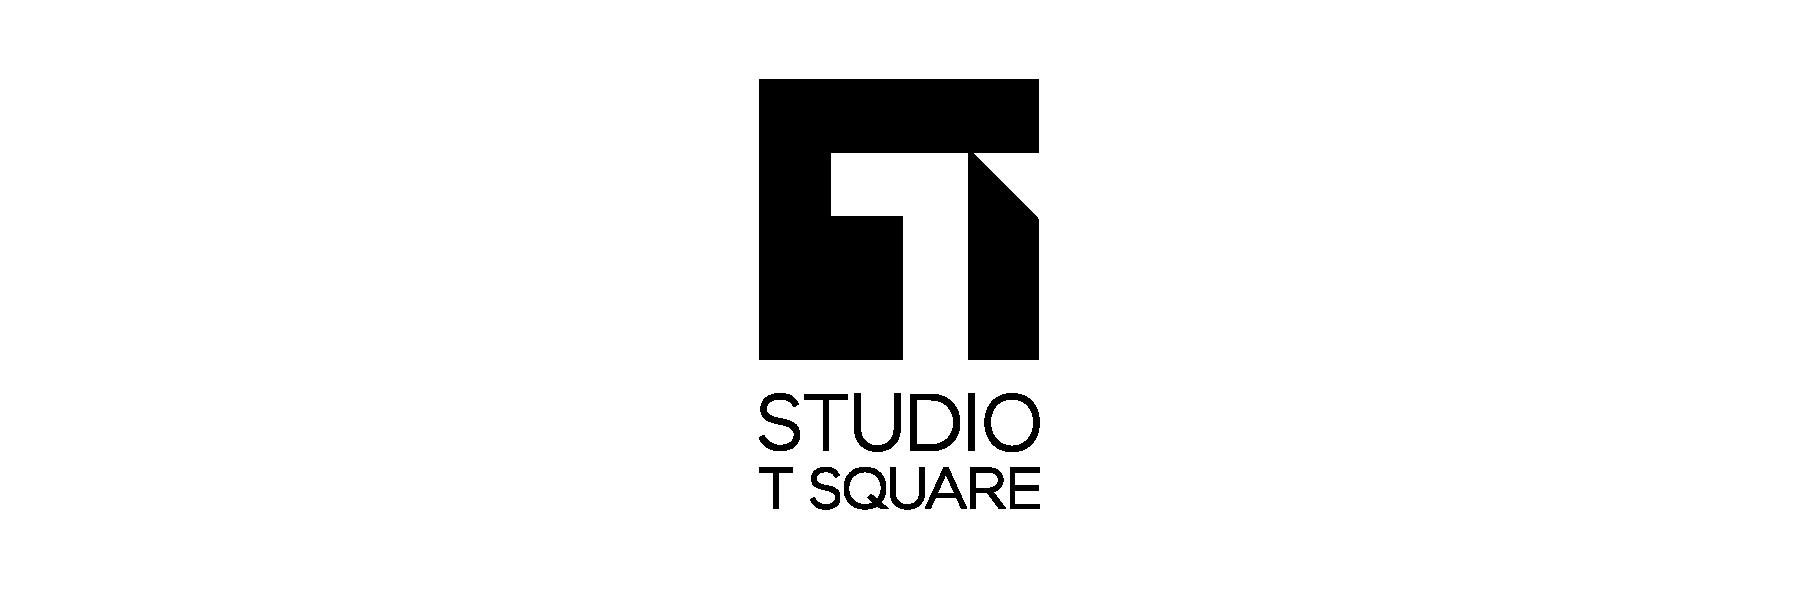 StudioT-Sq-01.png